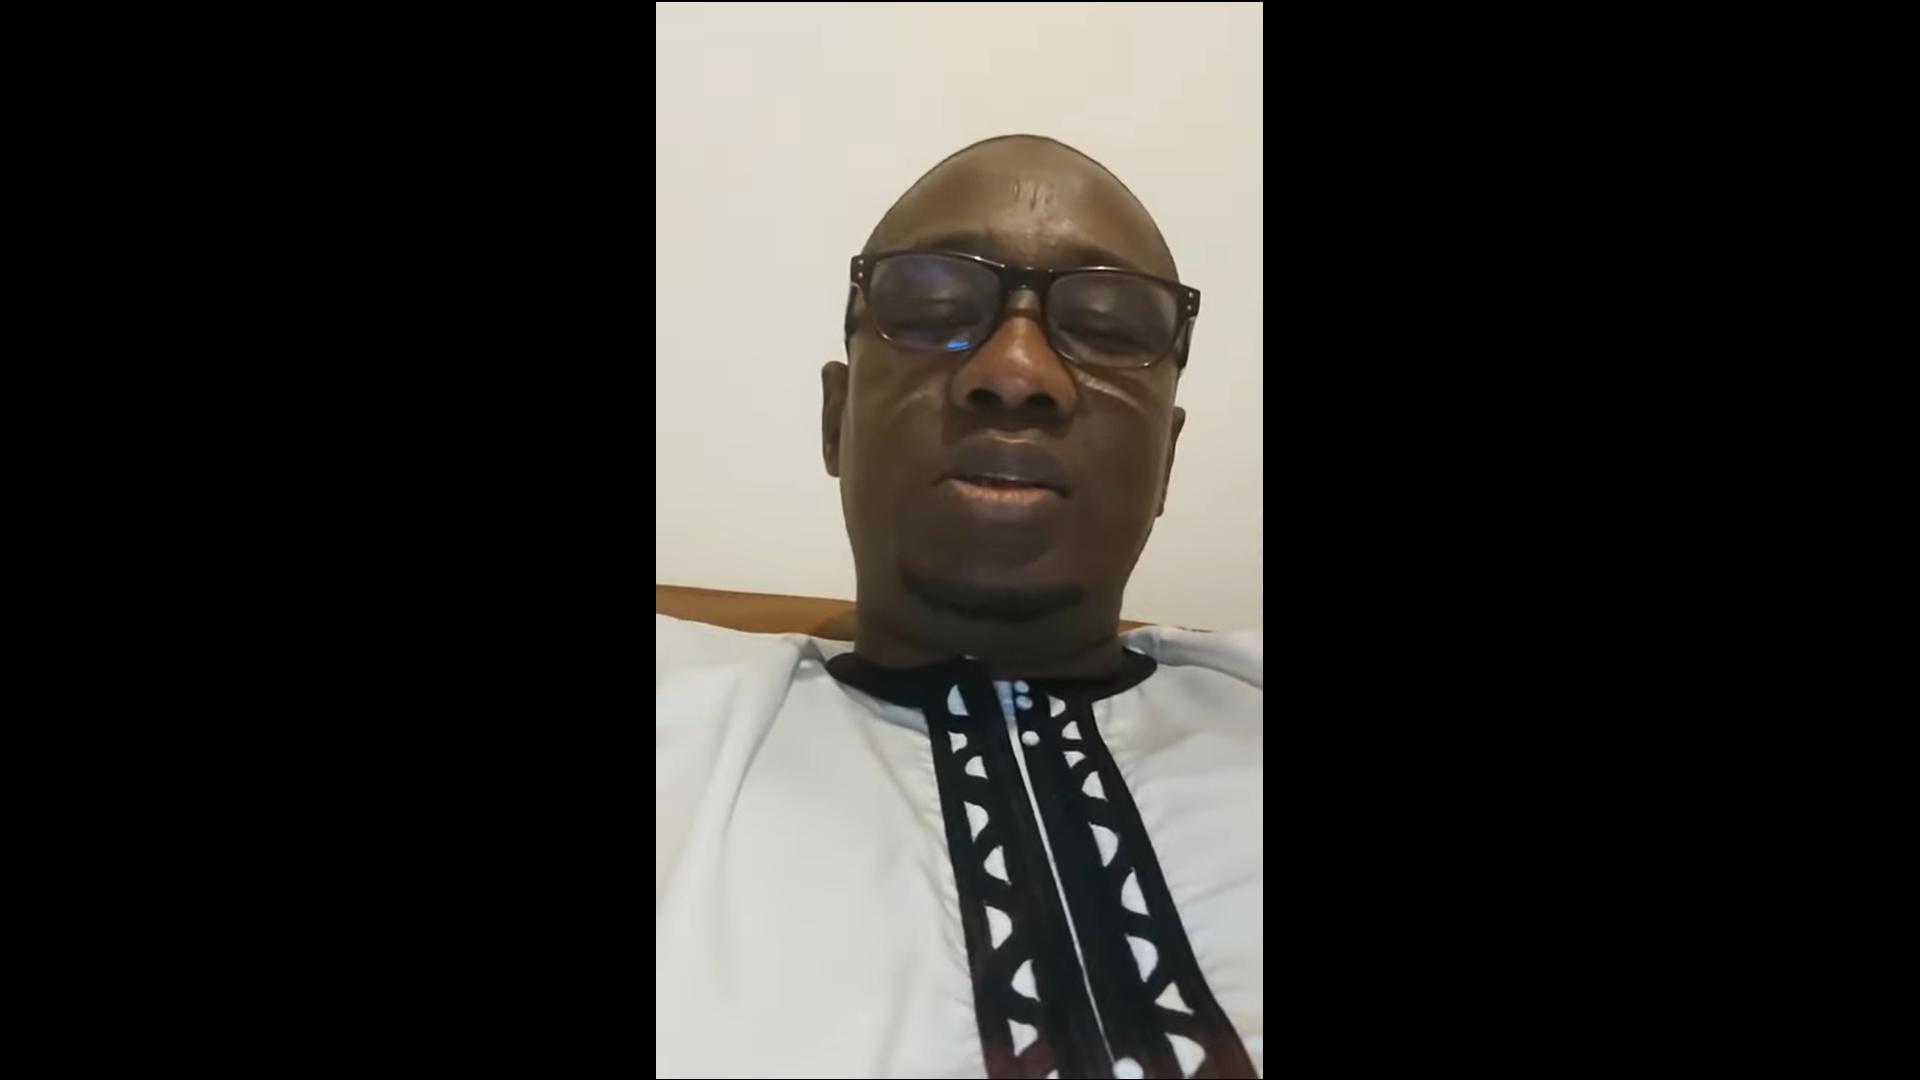 Mr Diakhite Wompou-Mauritanie